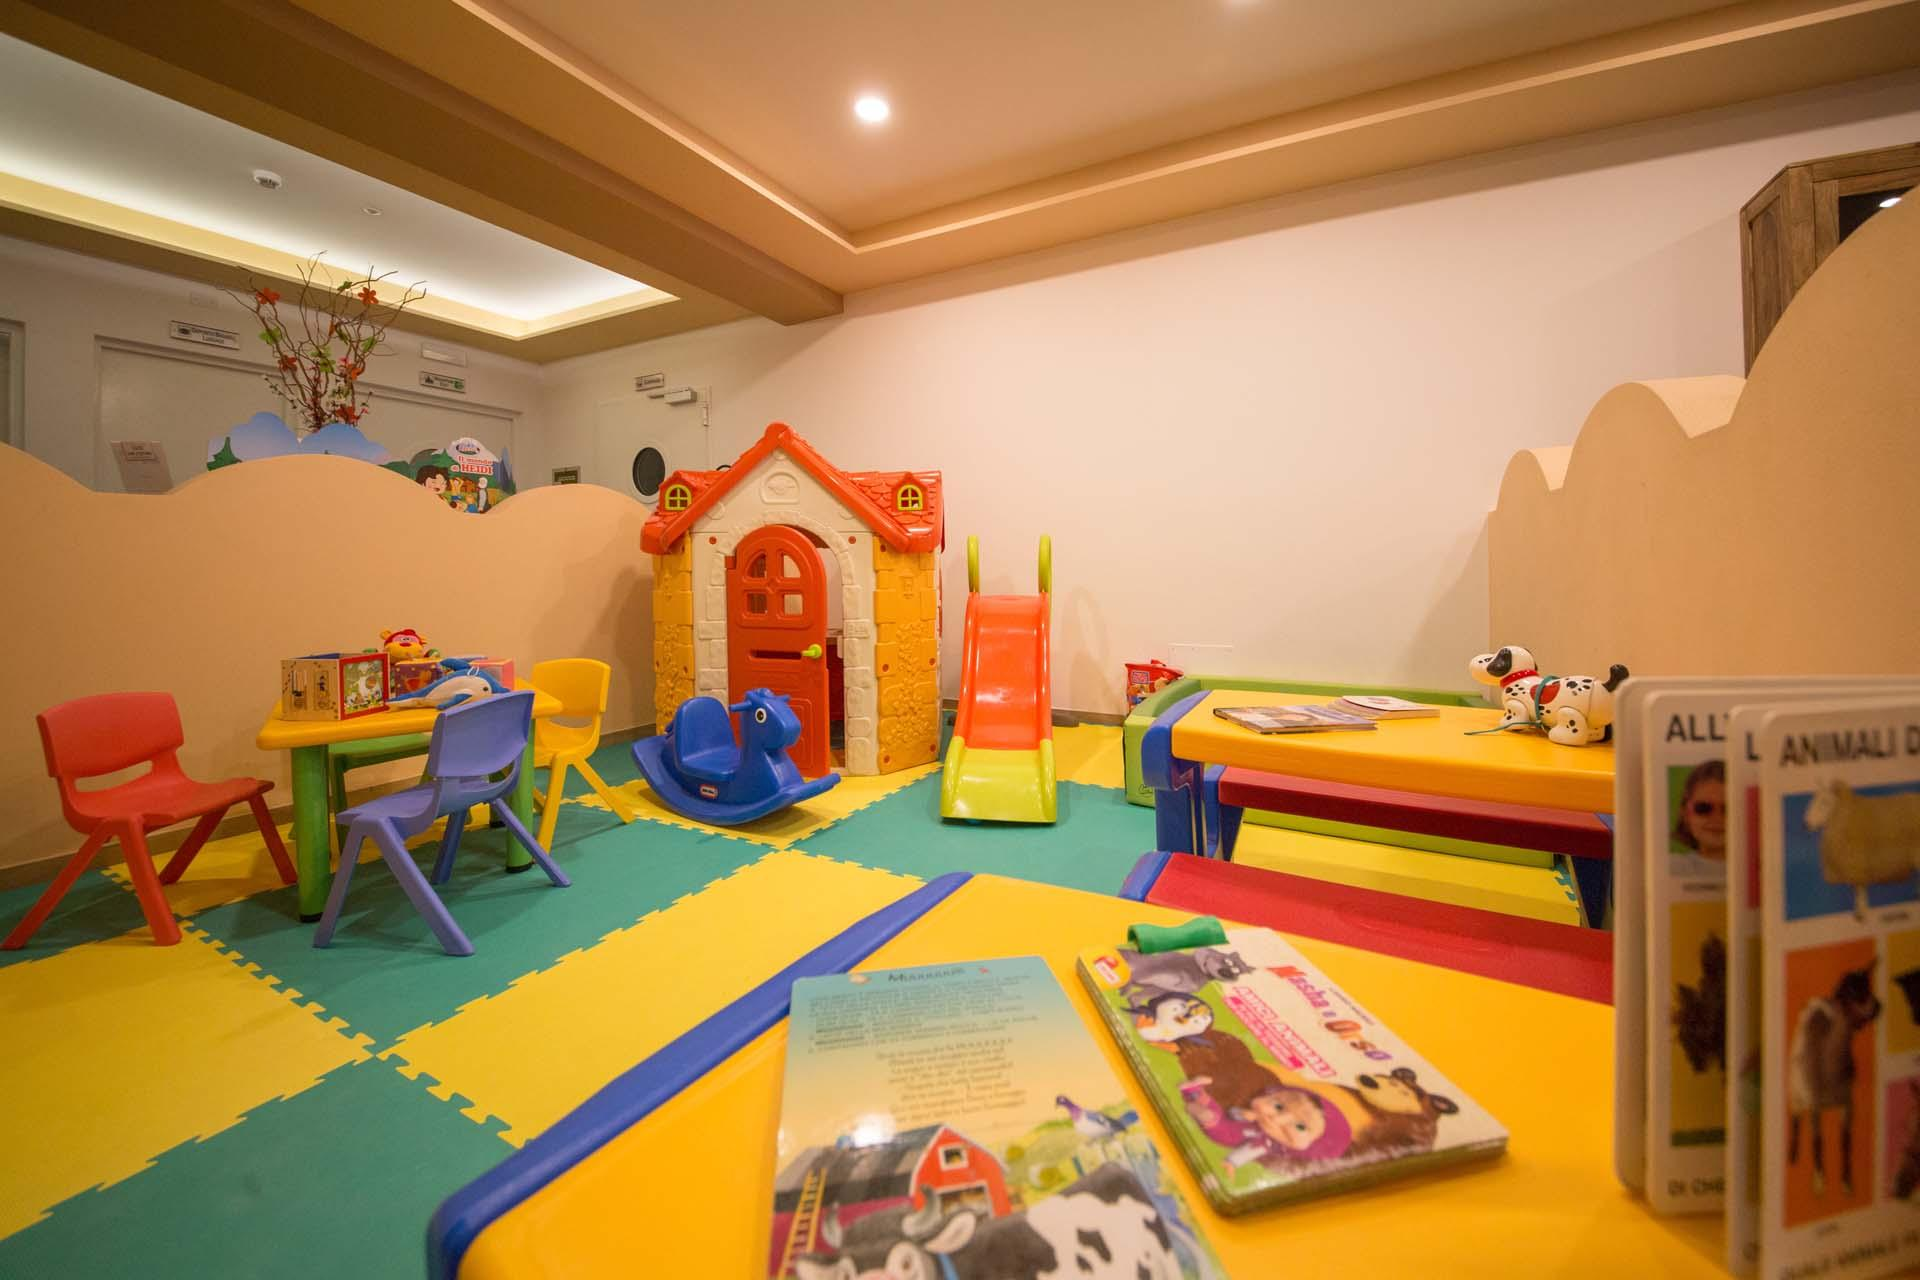 Sala Giochi Per Bambini : Camere da gioco per bambini: la casetta giochi per bimbi più costosa